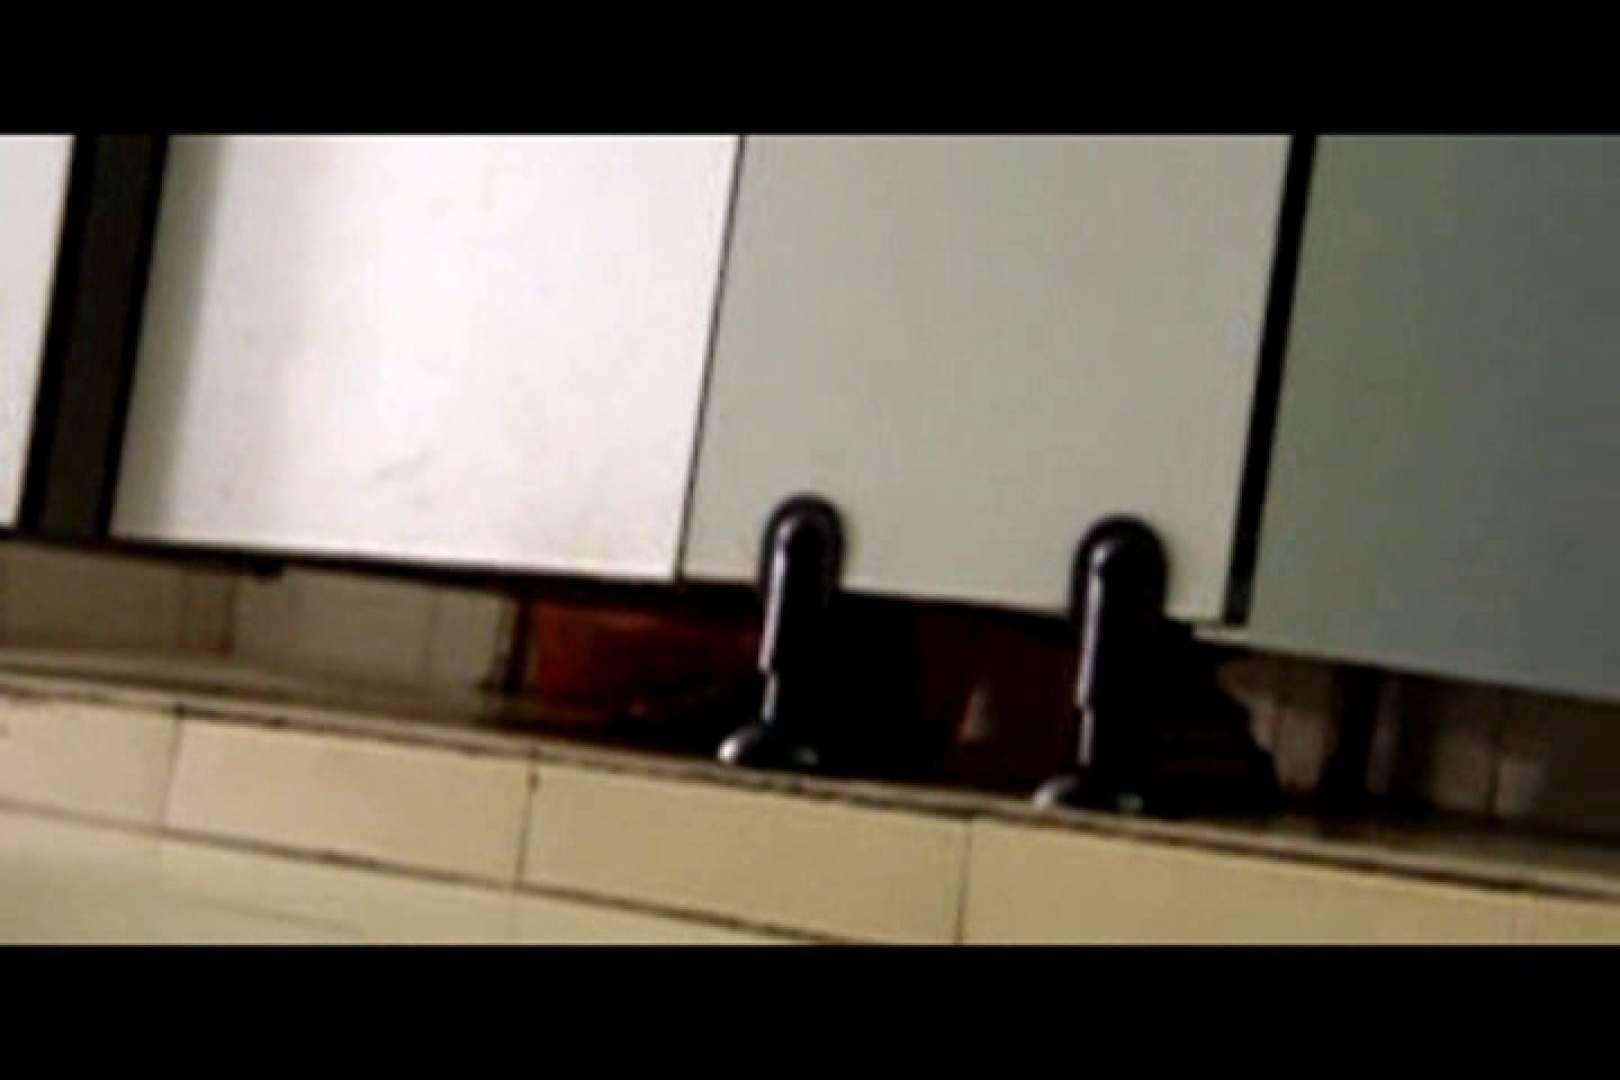 ぼっとん洗面所スペシャルVol.16 おまんこ無修正 隠し撮りセックス画像 99pic 83